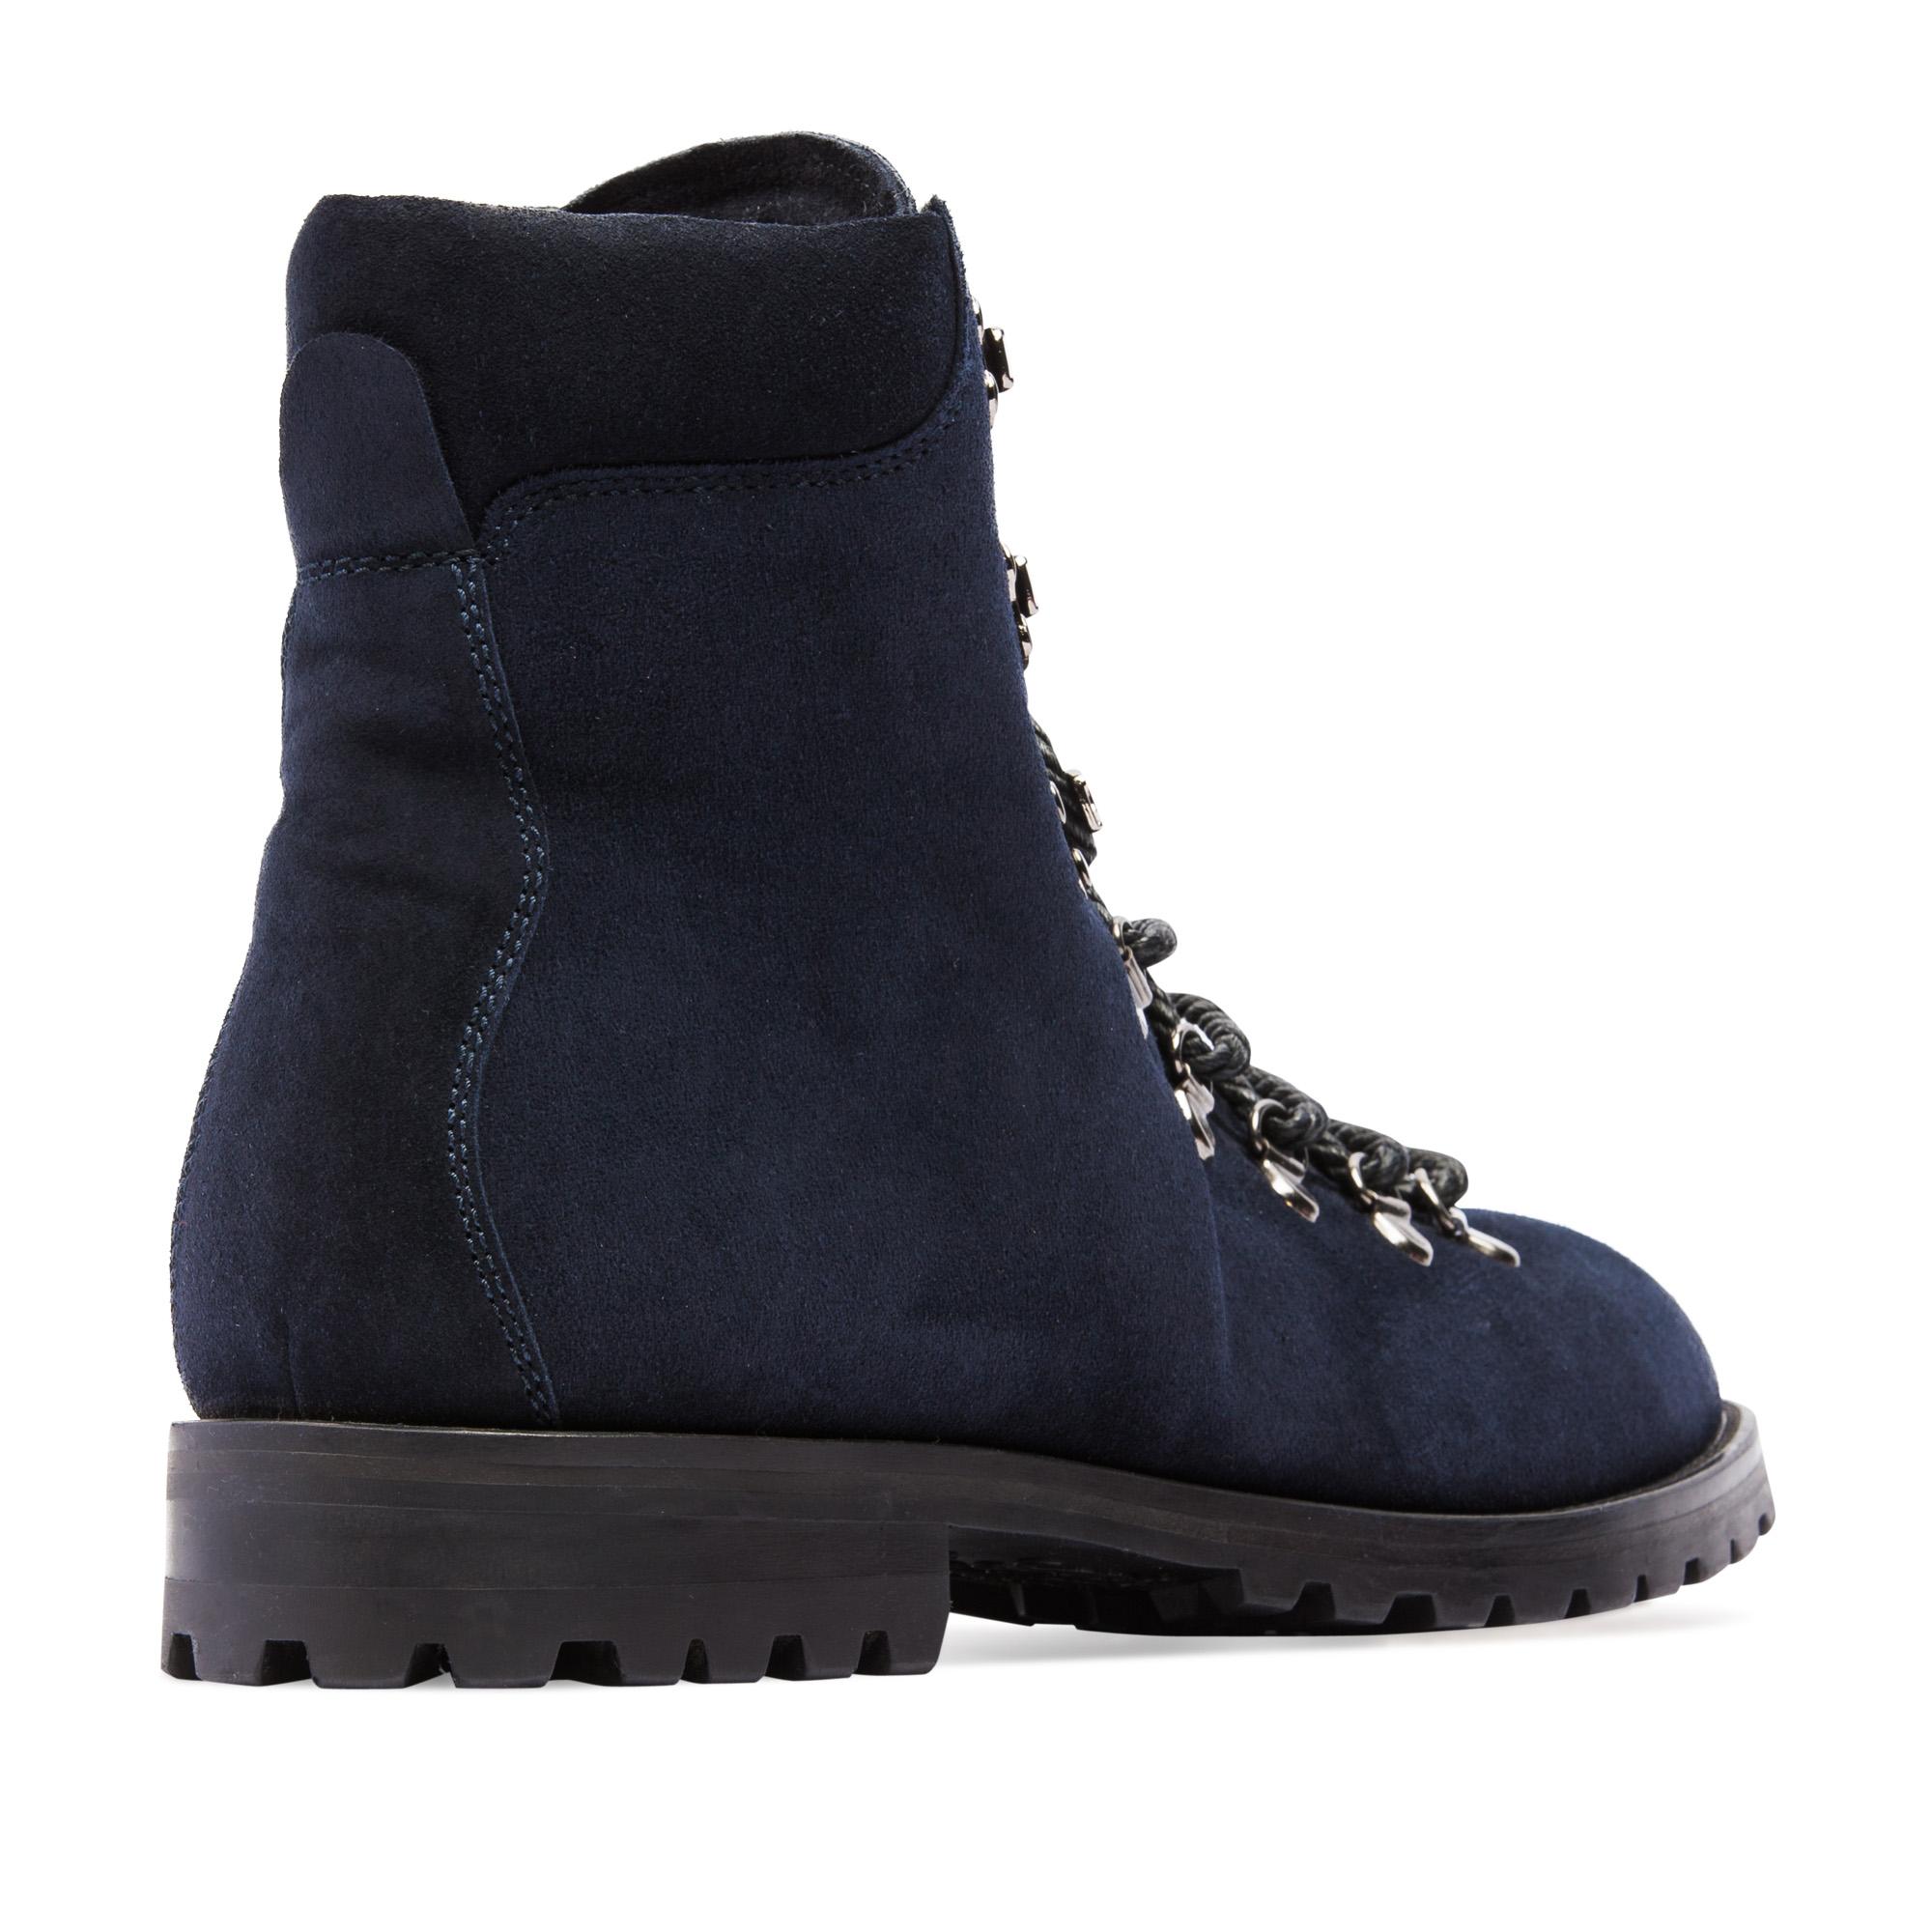 Мужские ботинки CorsoComo (Корсо Комо) 88-3206-05286-7